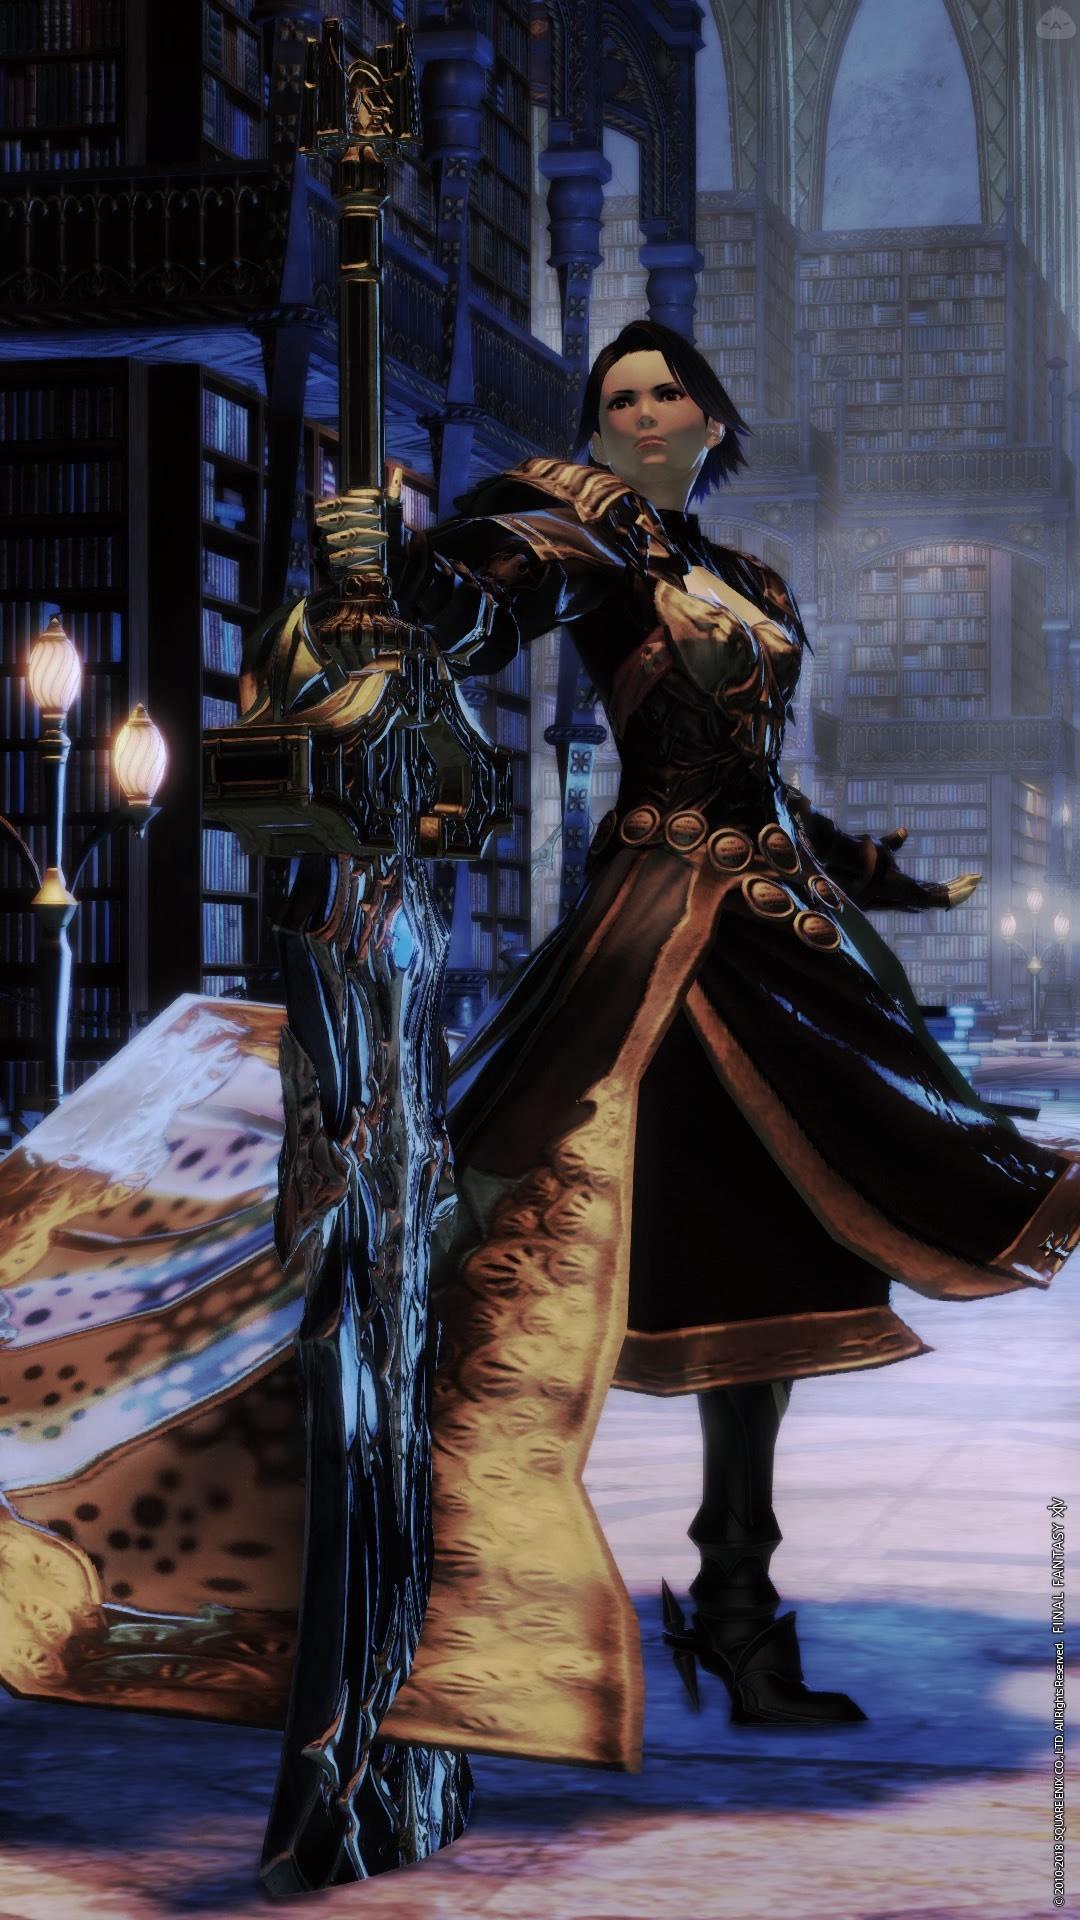 すそ引きずり系暗黒騎士